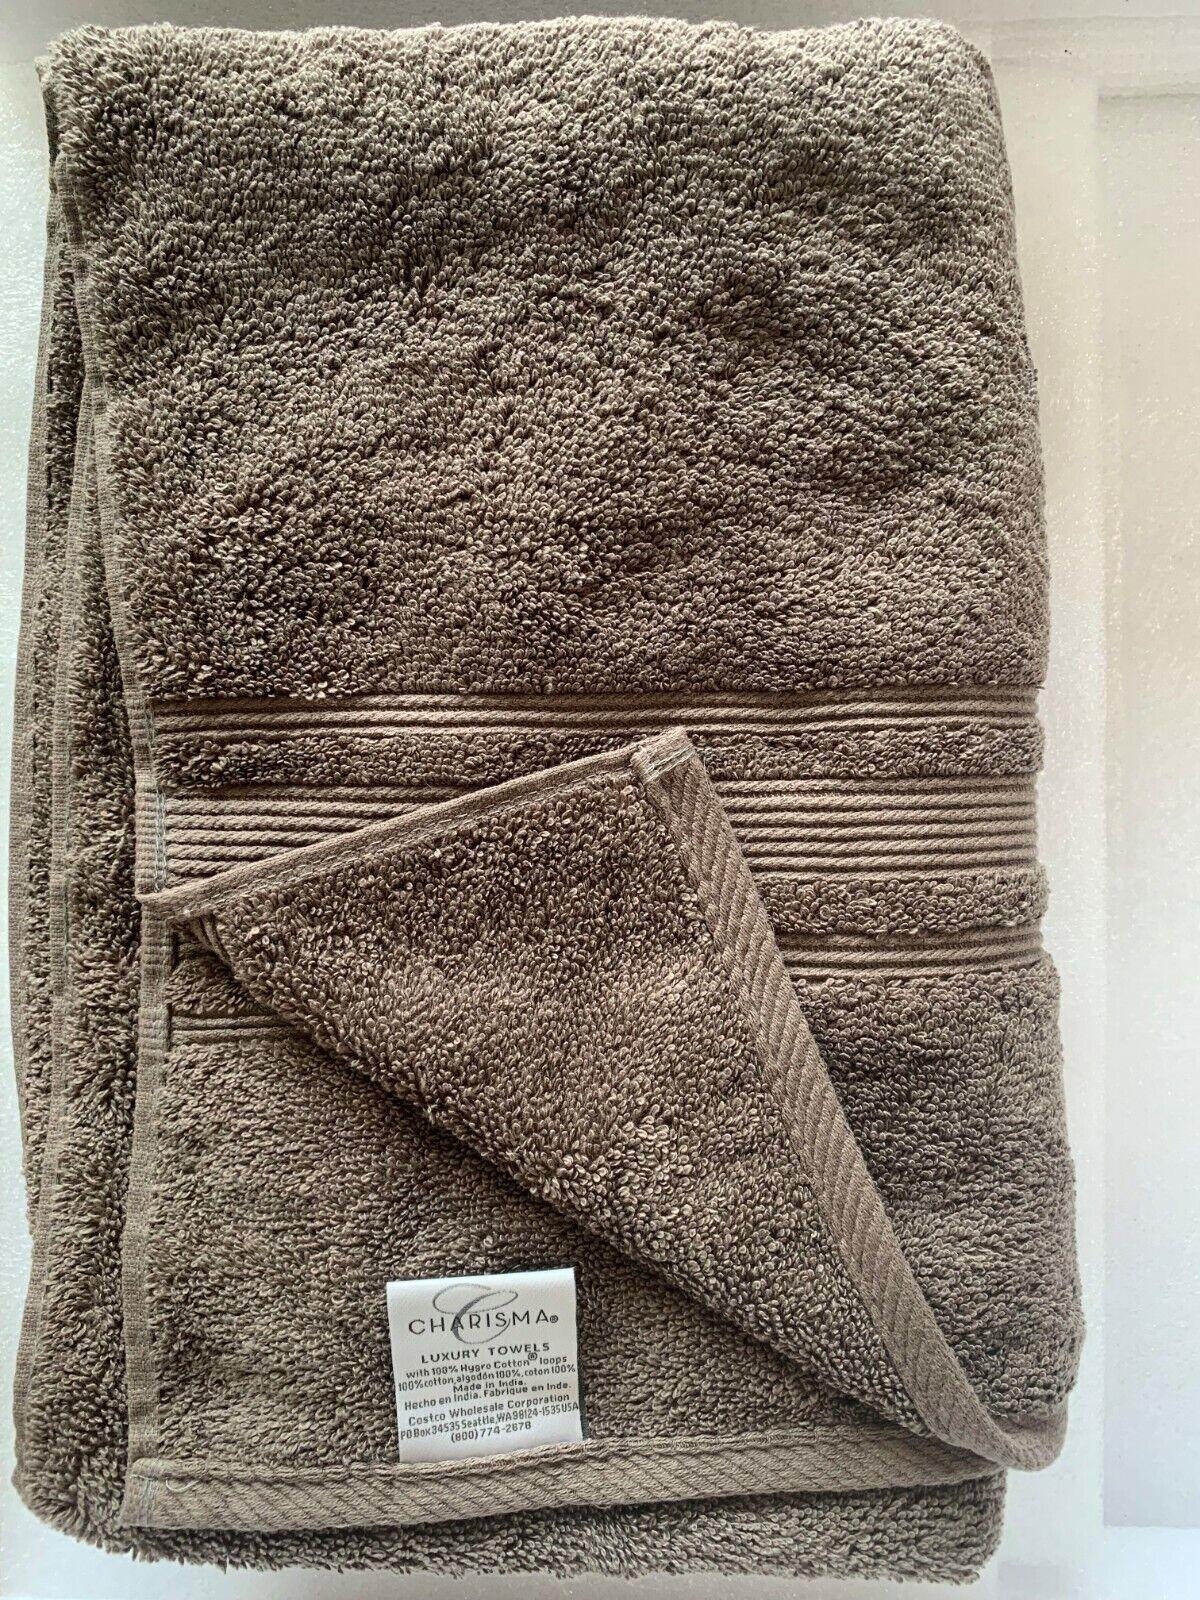 Charisma 100% Hygrocotton Bath Towel 30 in x 58 in, Dark Grey. Customer Returned